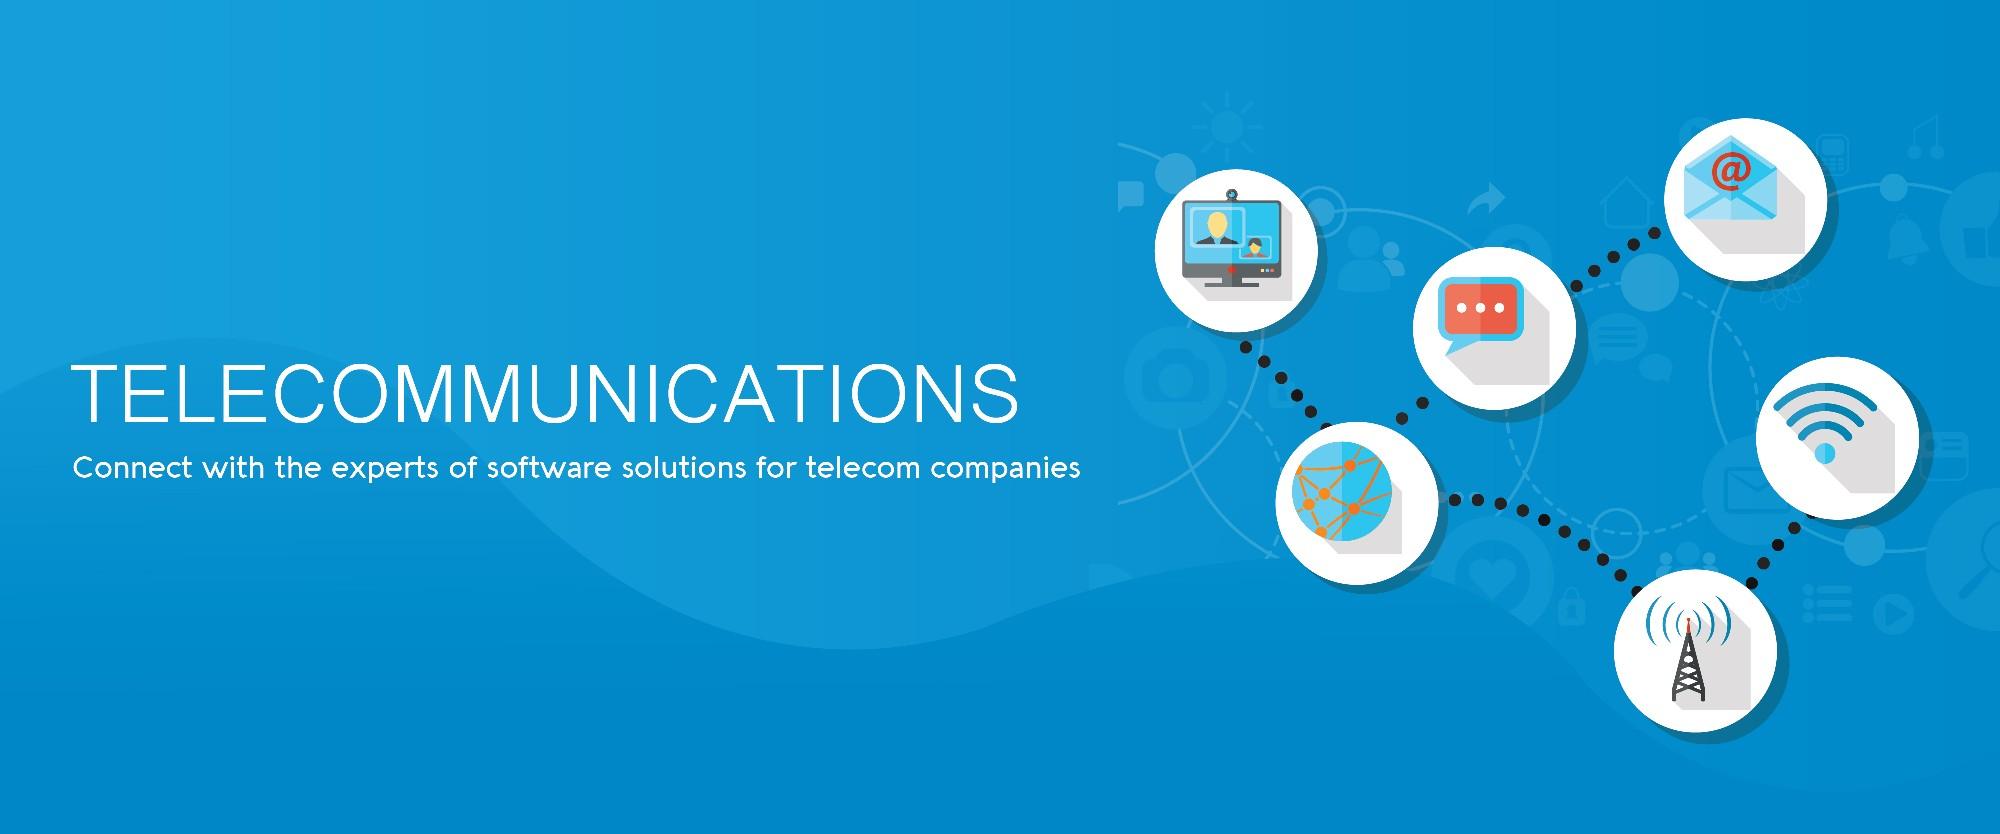 3.Telecommunications-01